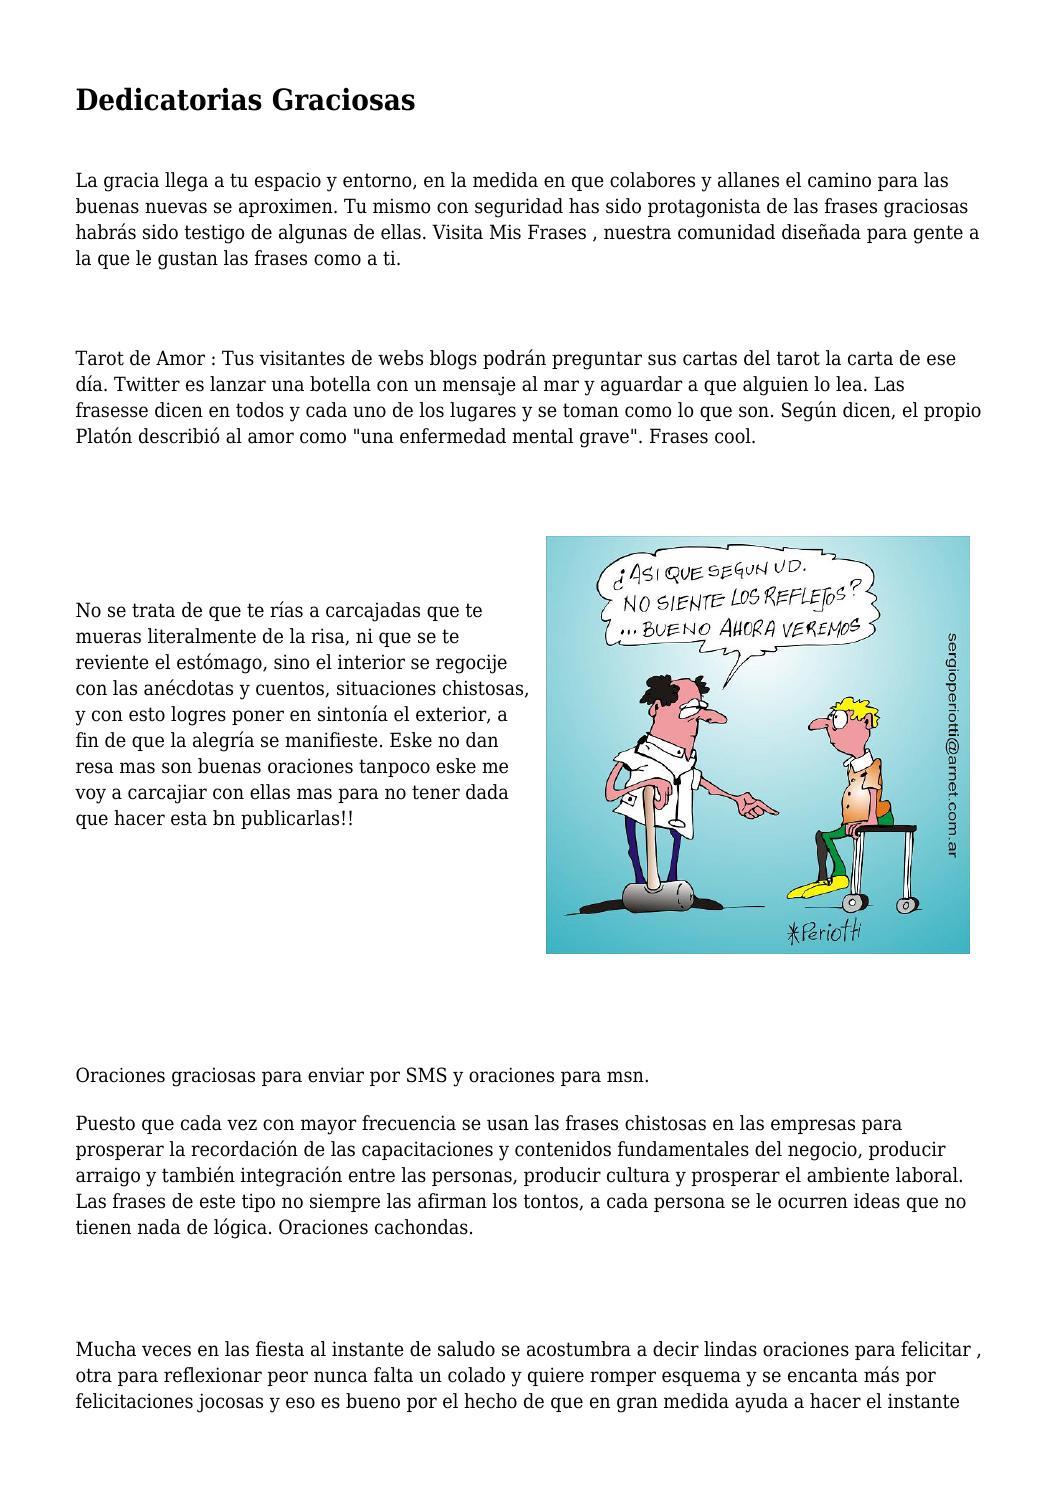 Dedicatorias Graciosas By Humorychistes40 Issuu